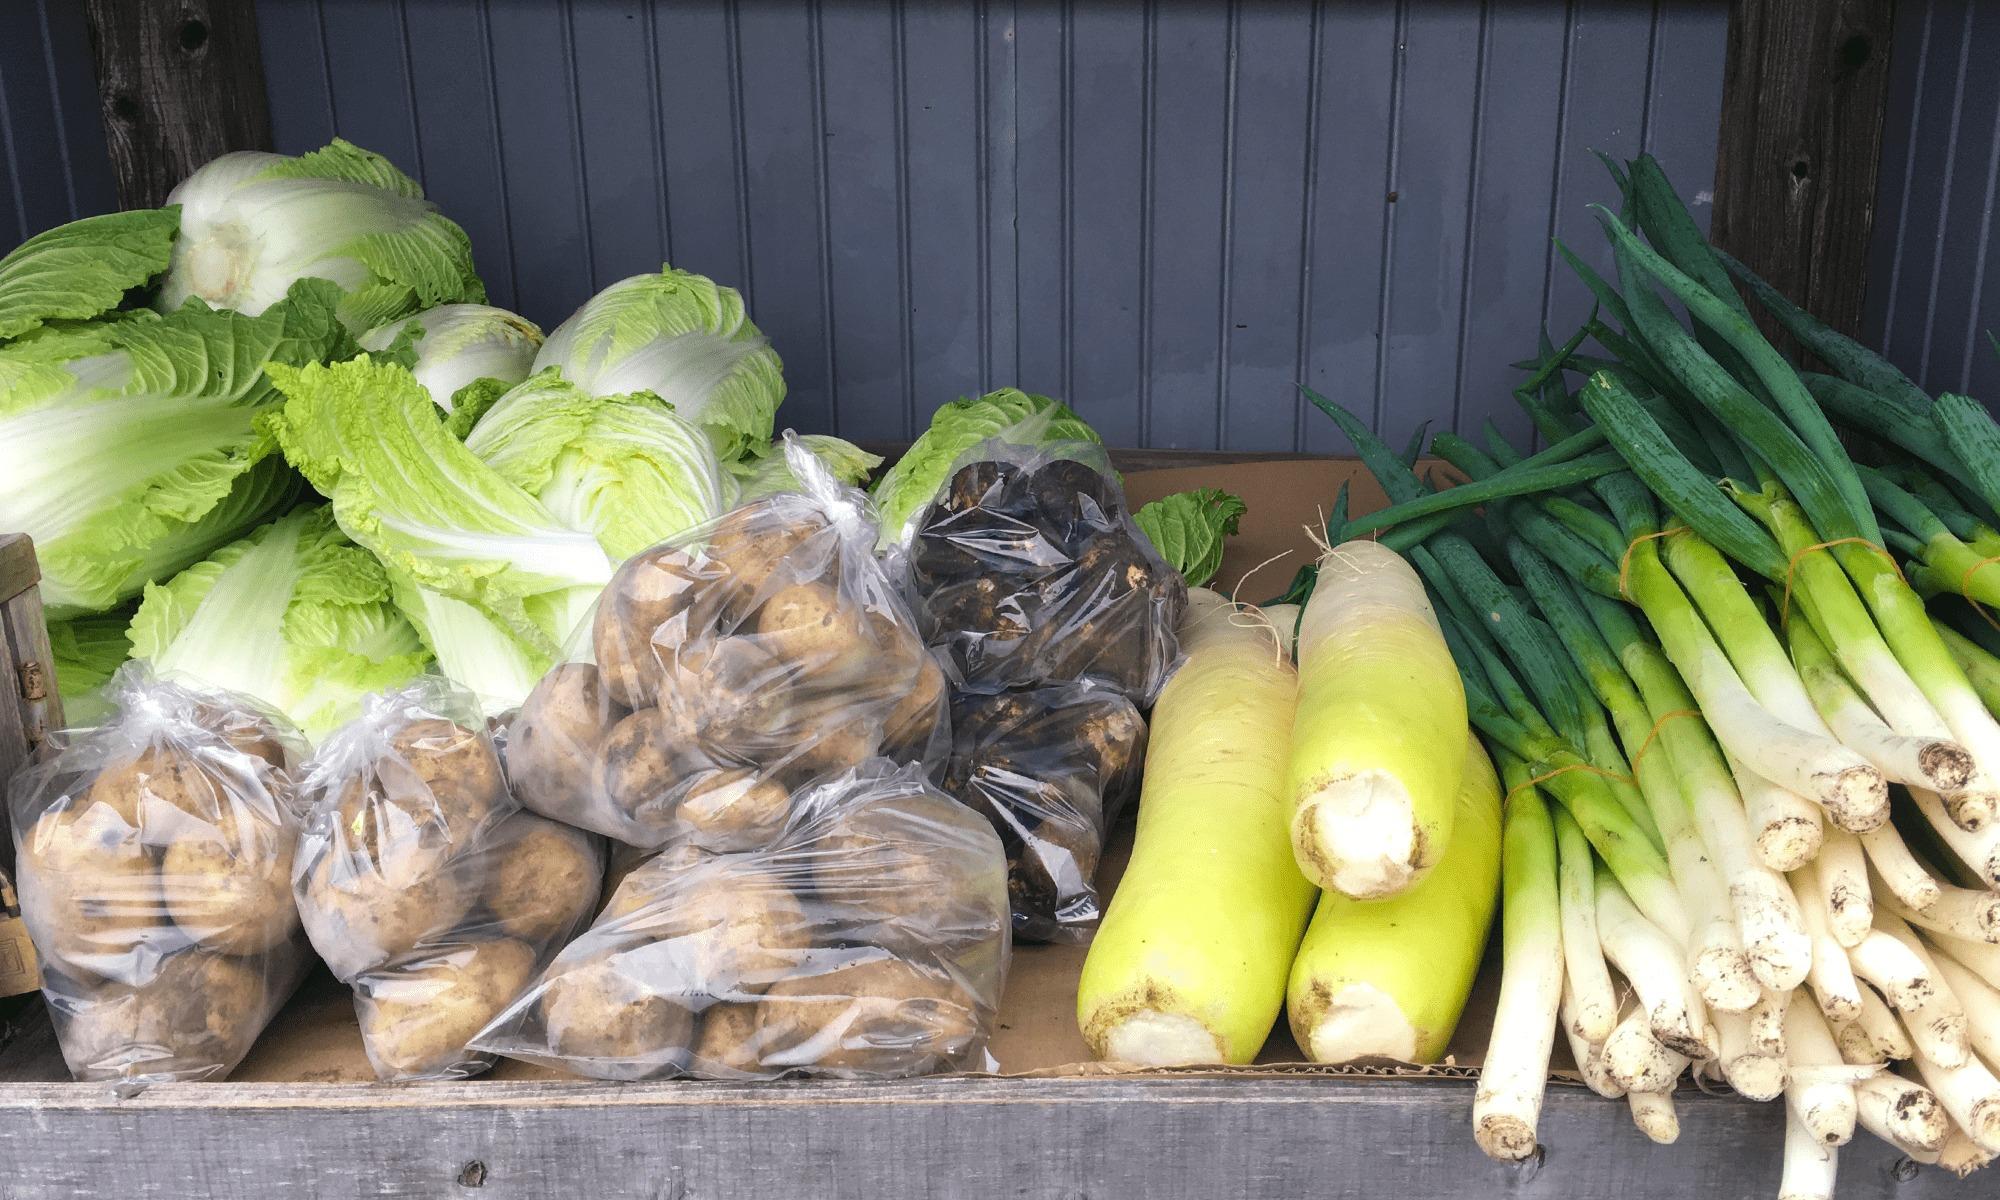 今日は何かな?「野菜無人販売」